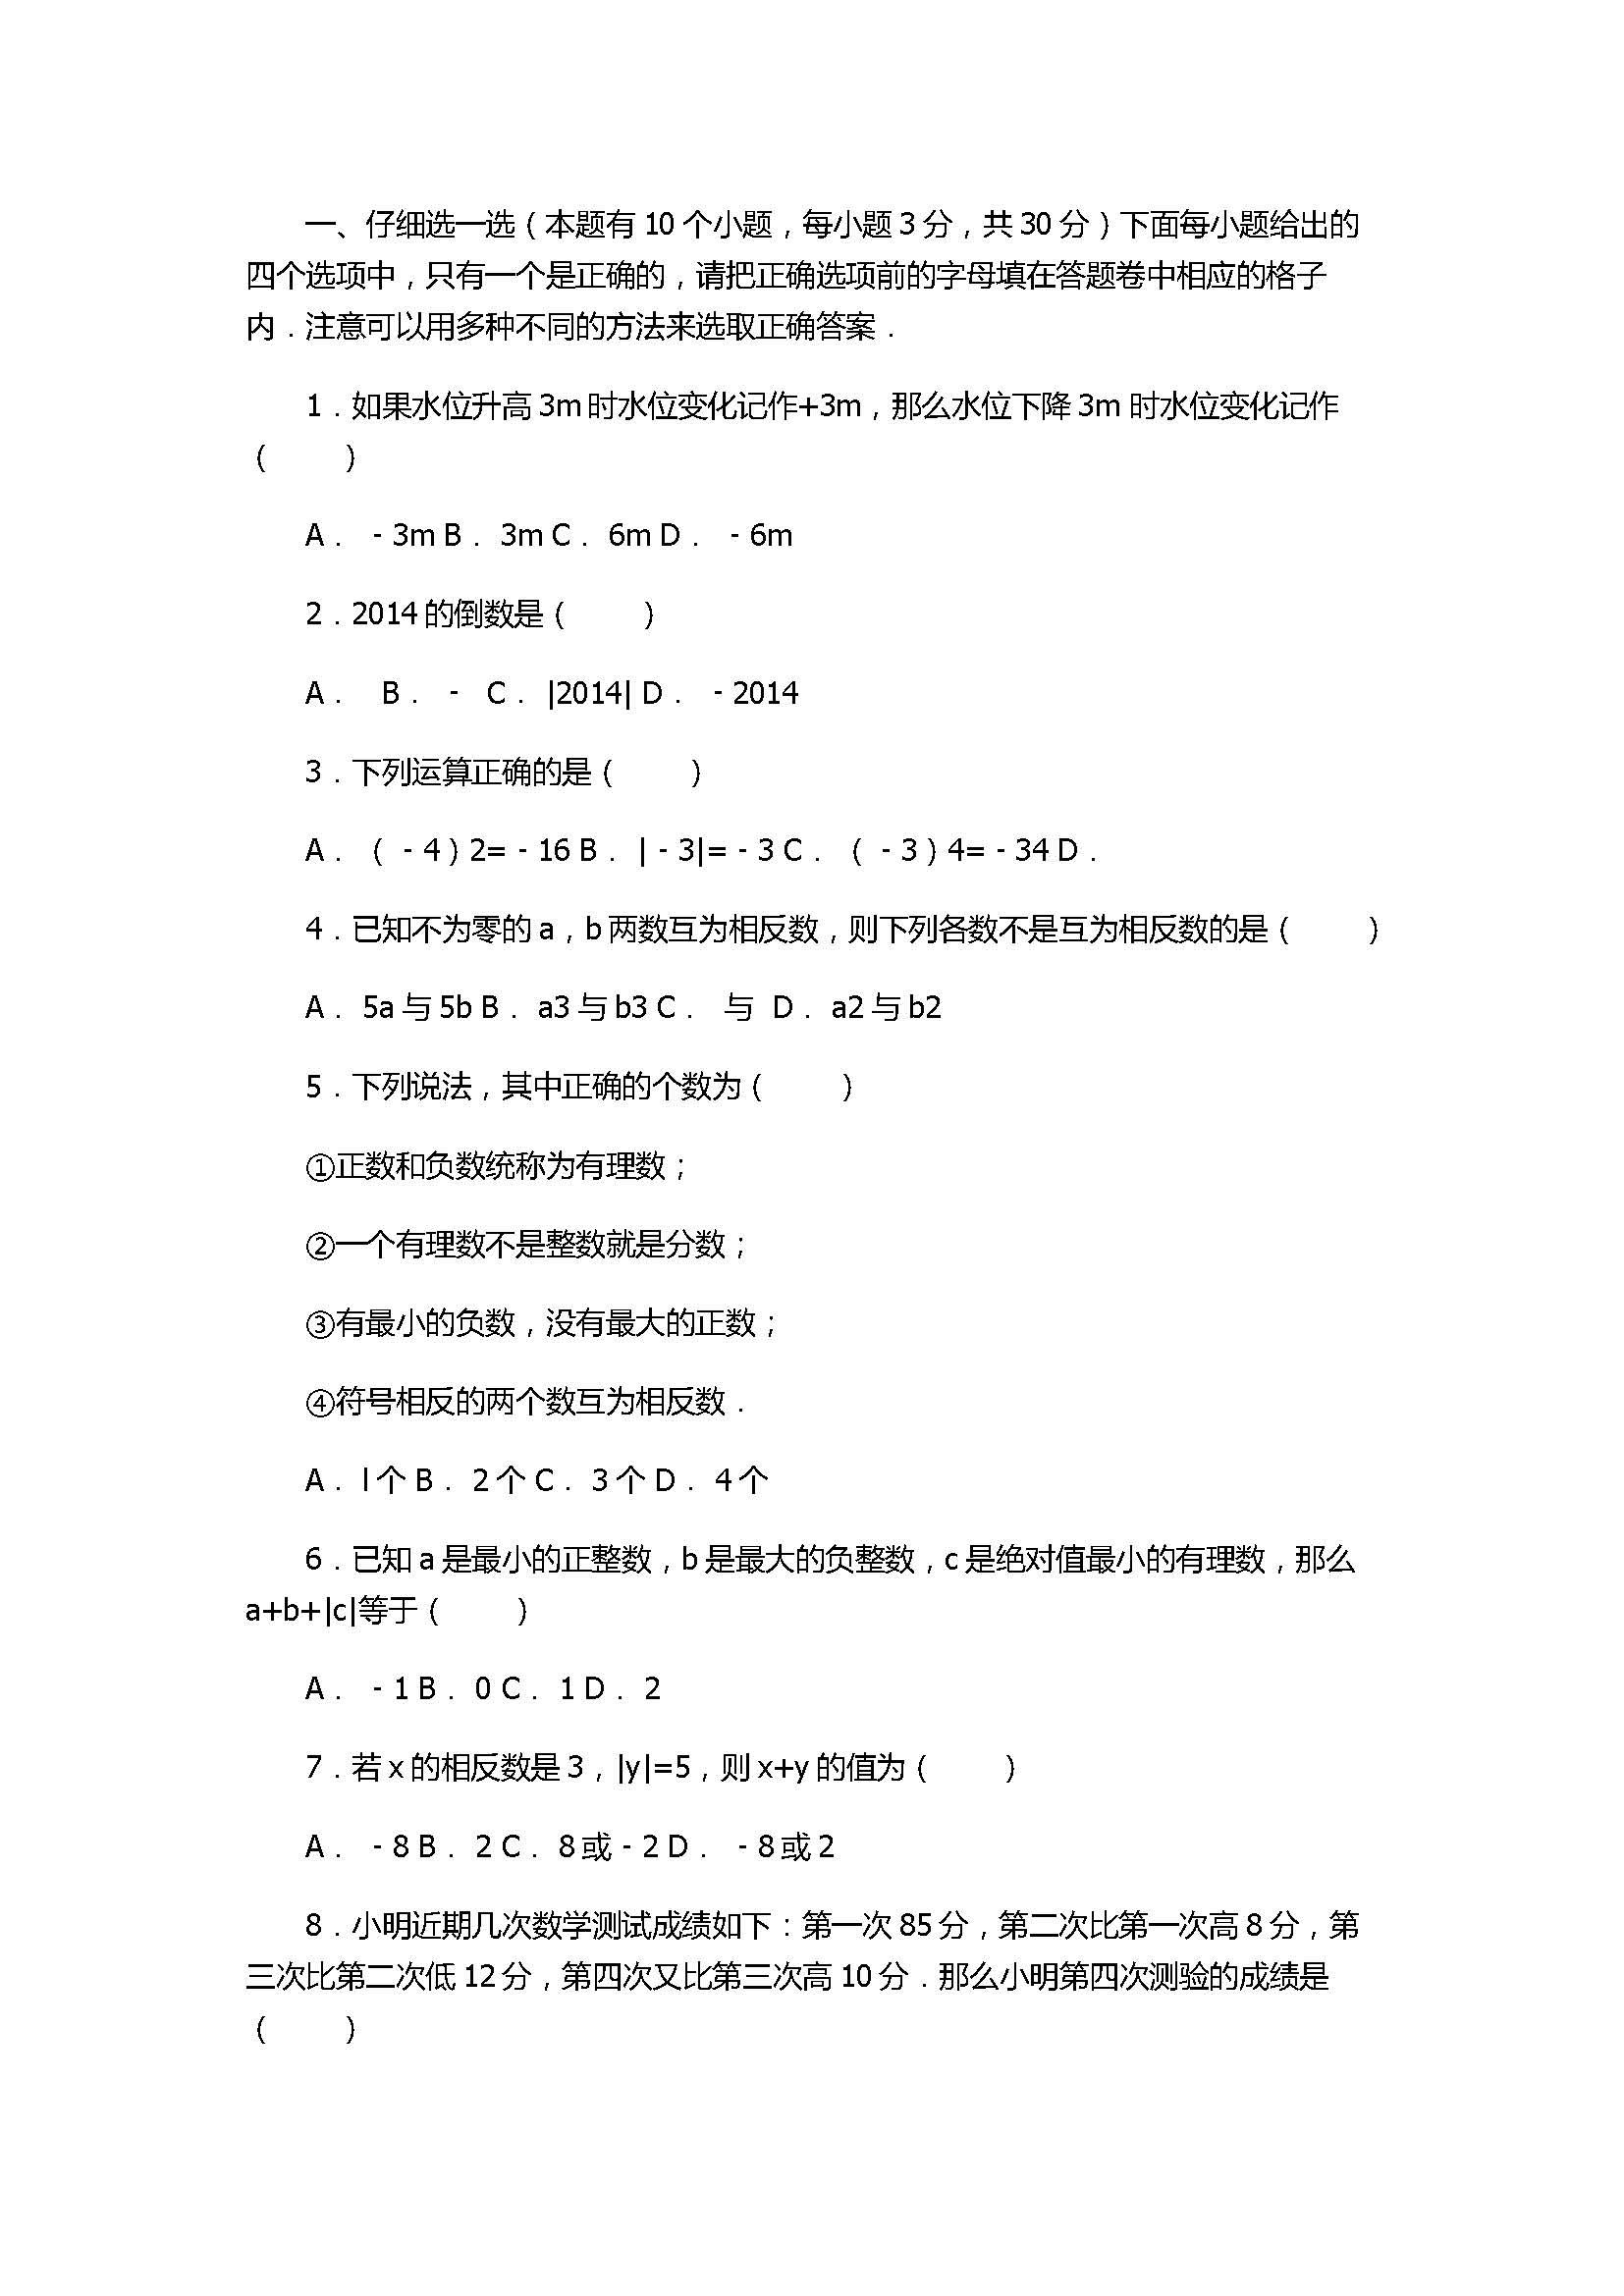 2017七年级数学月考试卷含答案和试题解释(浙江省杭州市)